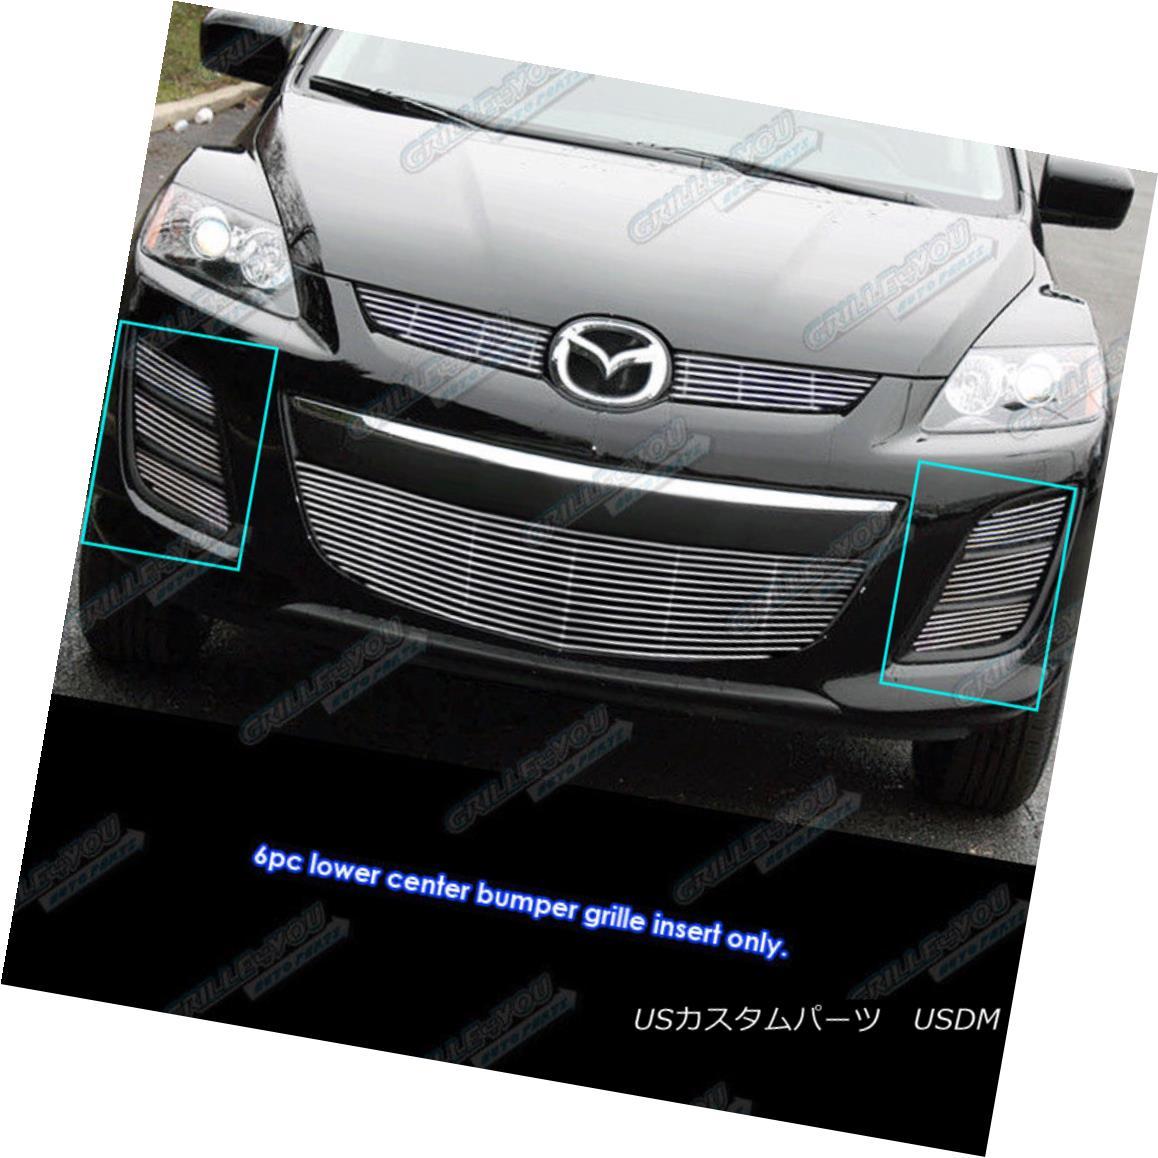 グリル For 2010-2012 Mazda CX-7 CX7 Lower 6 Side Pieces Billet Grille Grill Insert 2010-2012マツダCX-7 CX7ロワー6サイドピースビレットグリルグリルインサート用